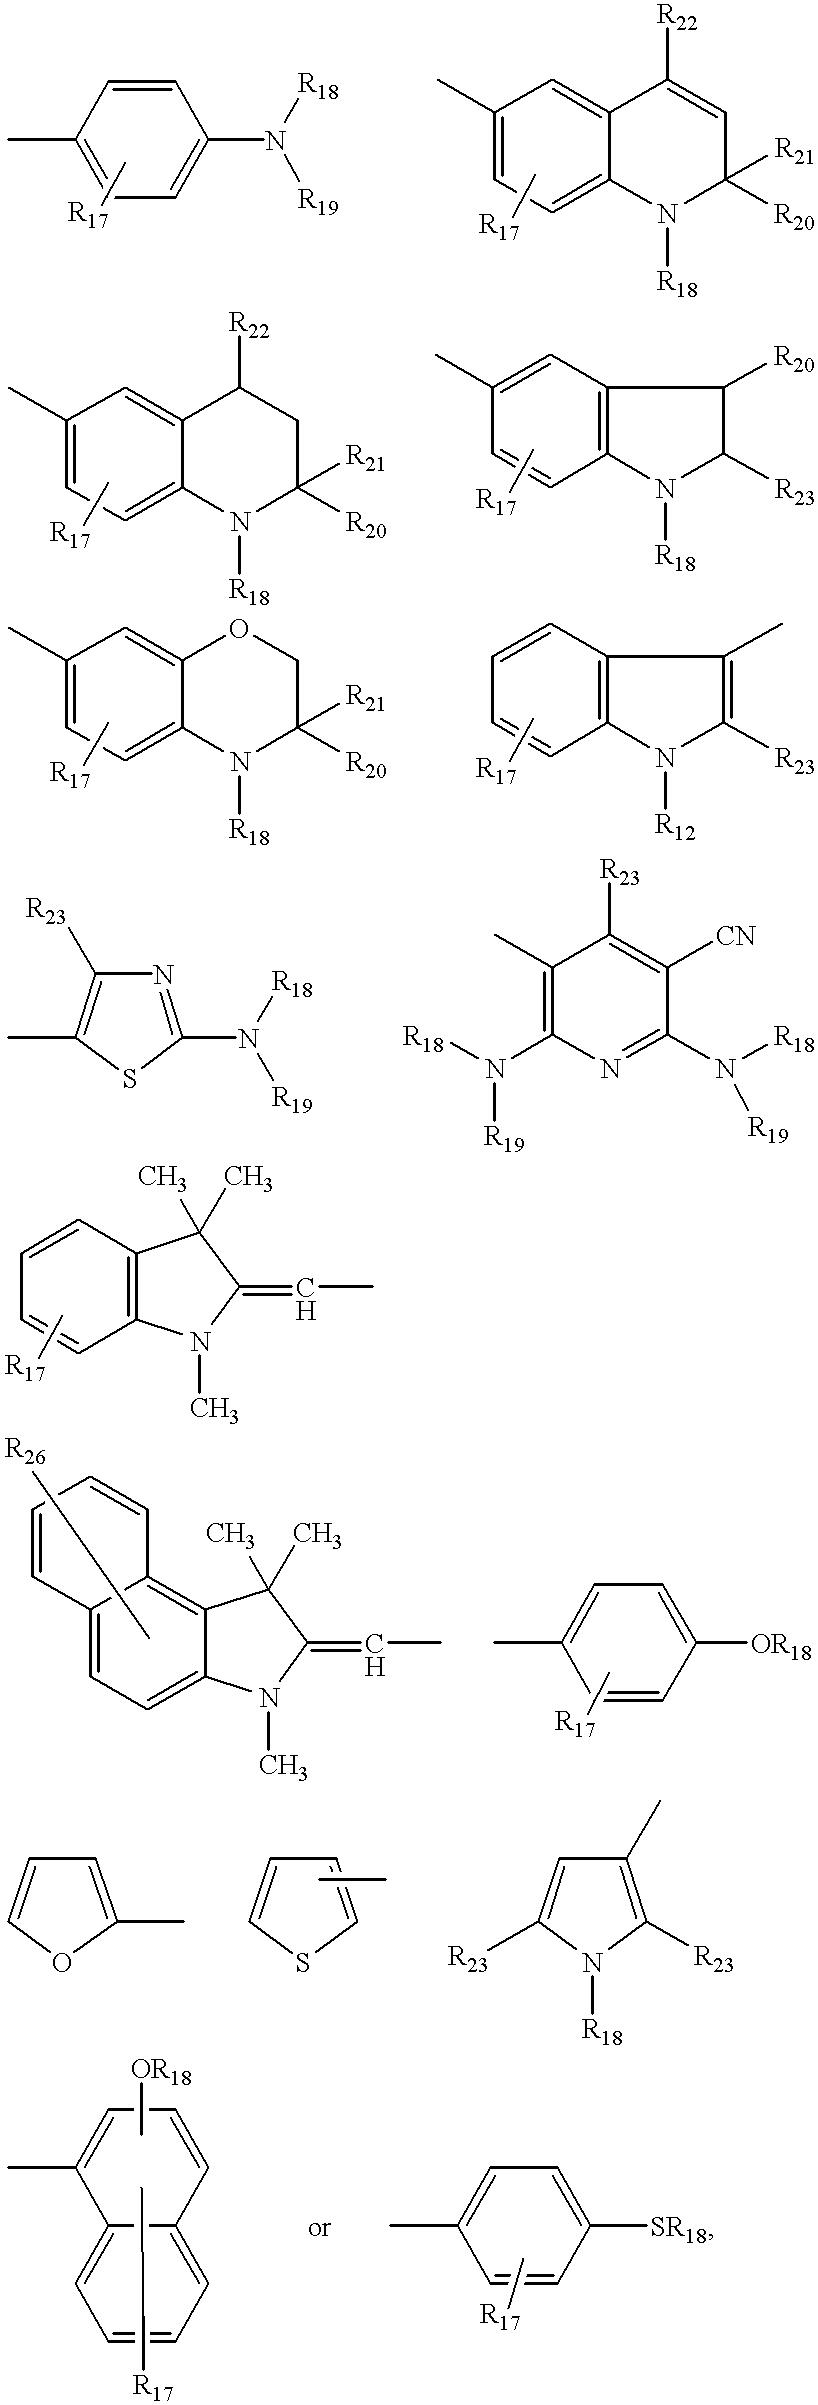 Figure US06776930-20040817-C00598